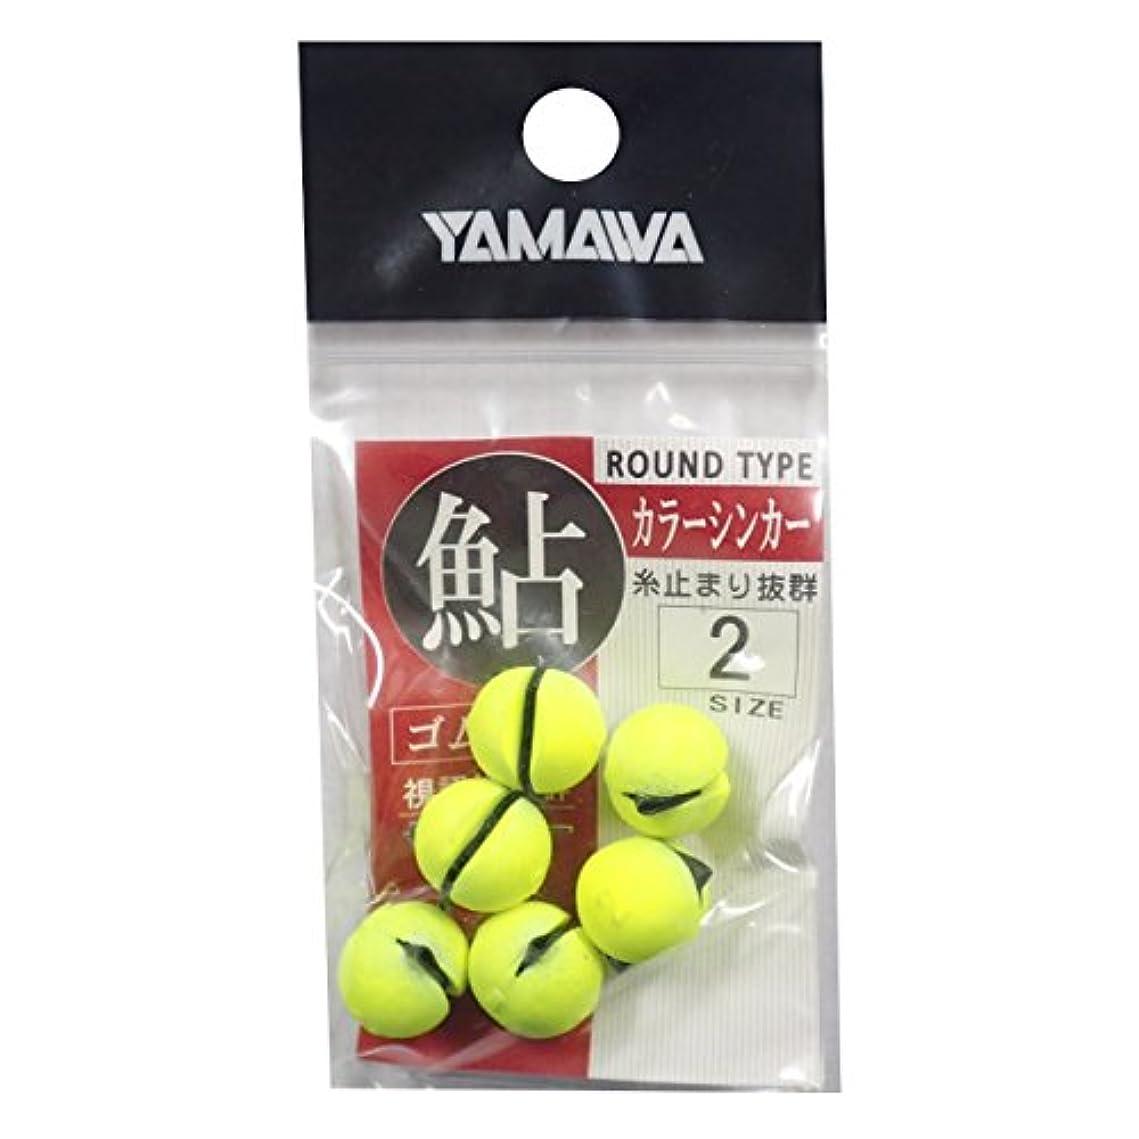 阻害するヒロイック新聞ヤマワ産業(Yamawa Sangyo) カラーシンカー ラウンドタイプ / イエロー 2号